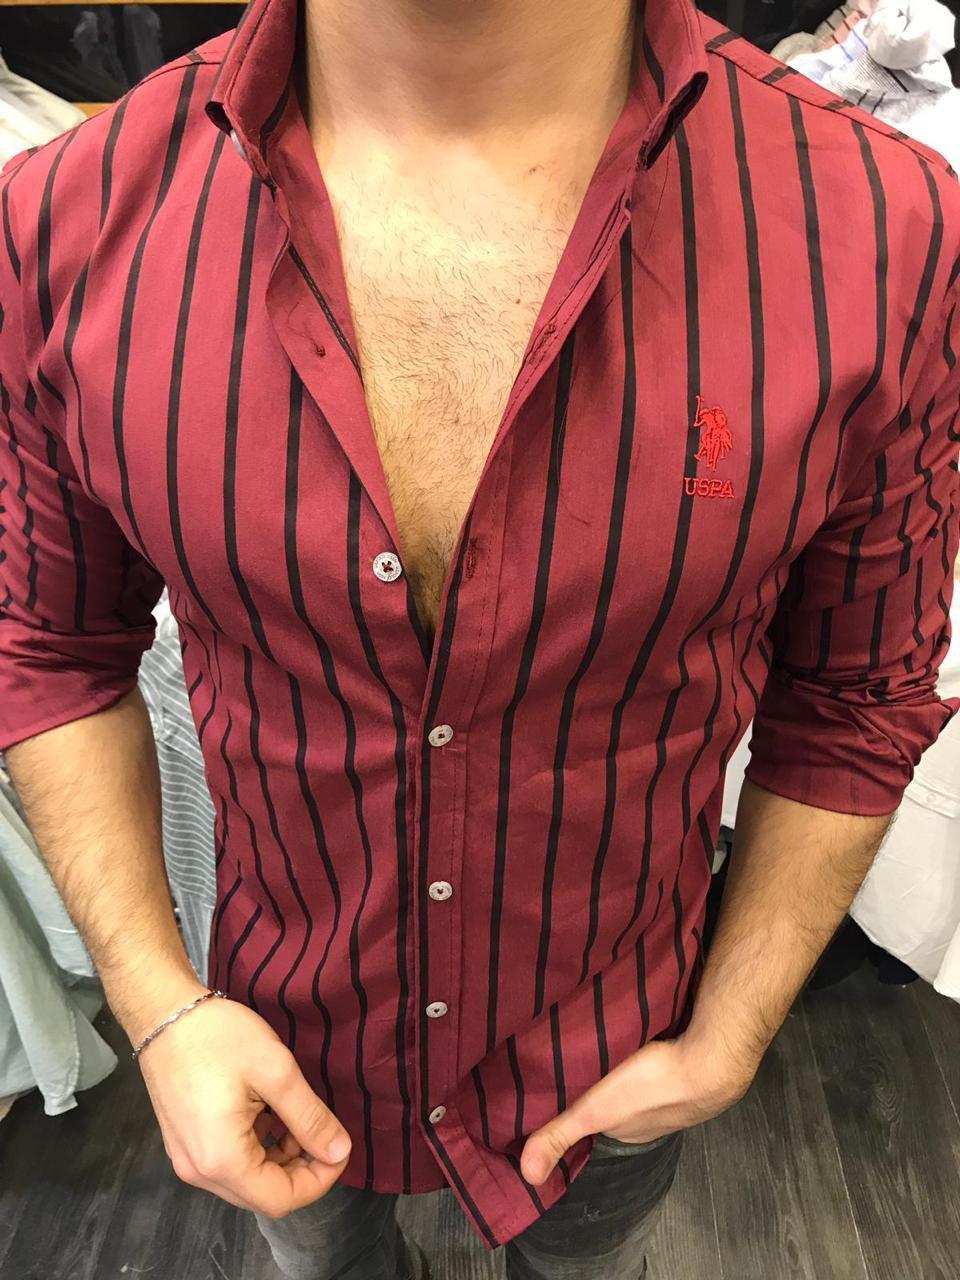 0e0d2abdc32 Мужская рубашка Поло 2 бордовая в полоску